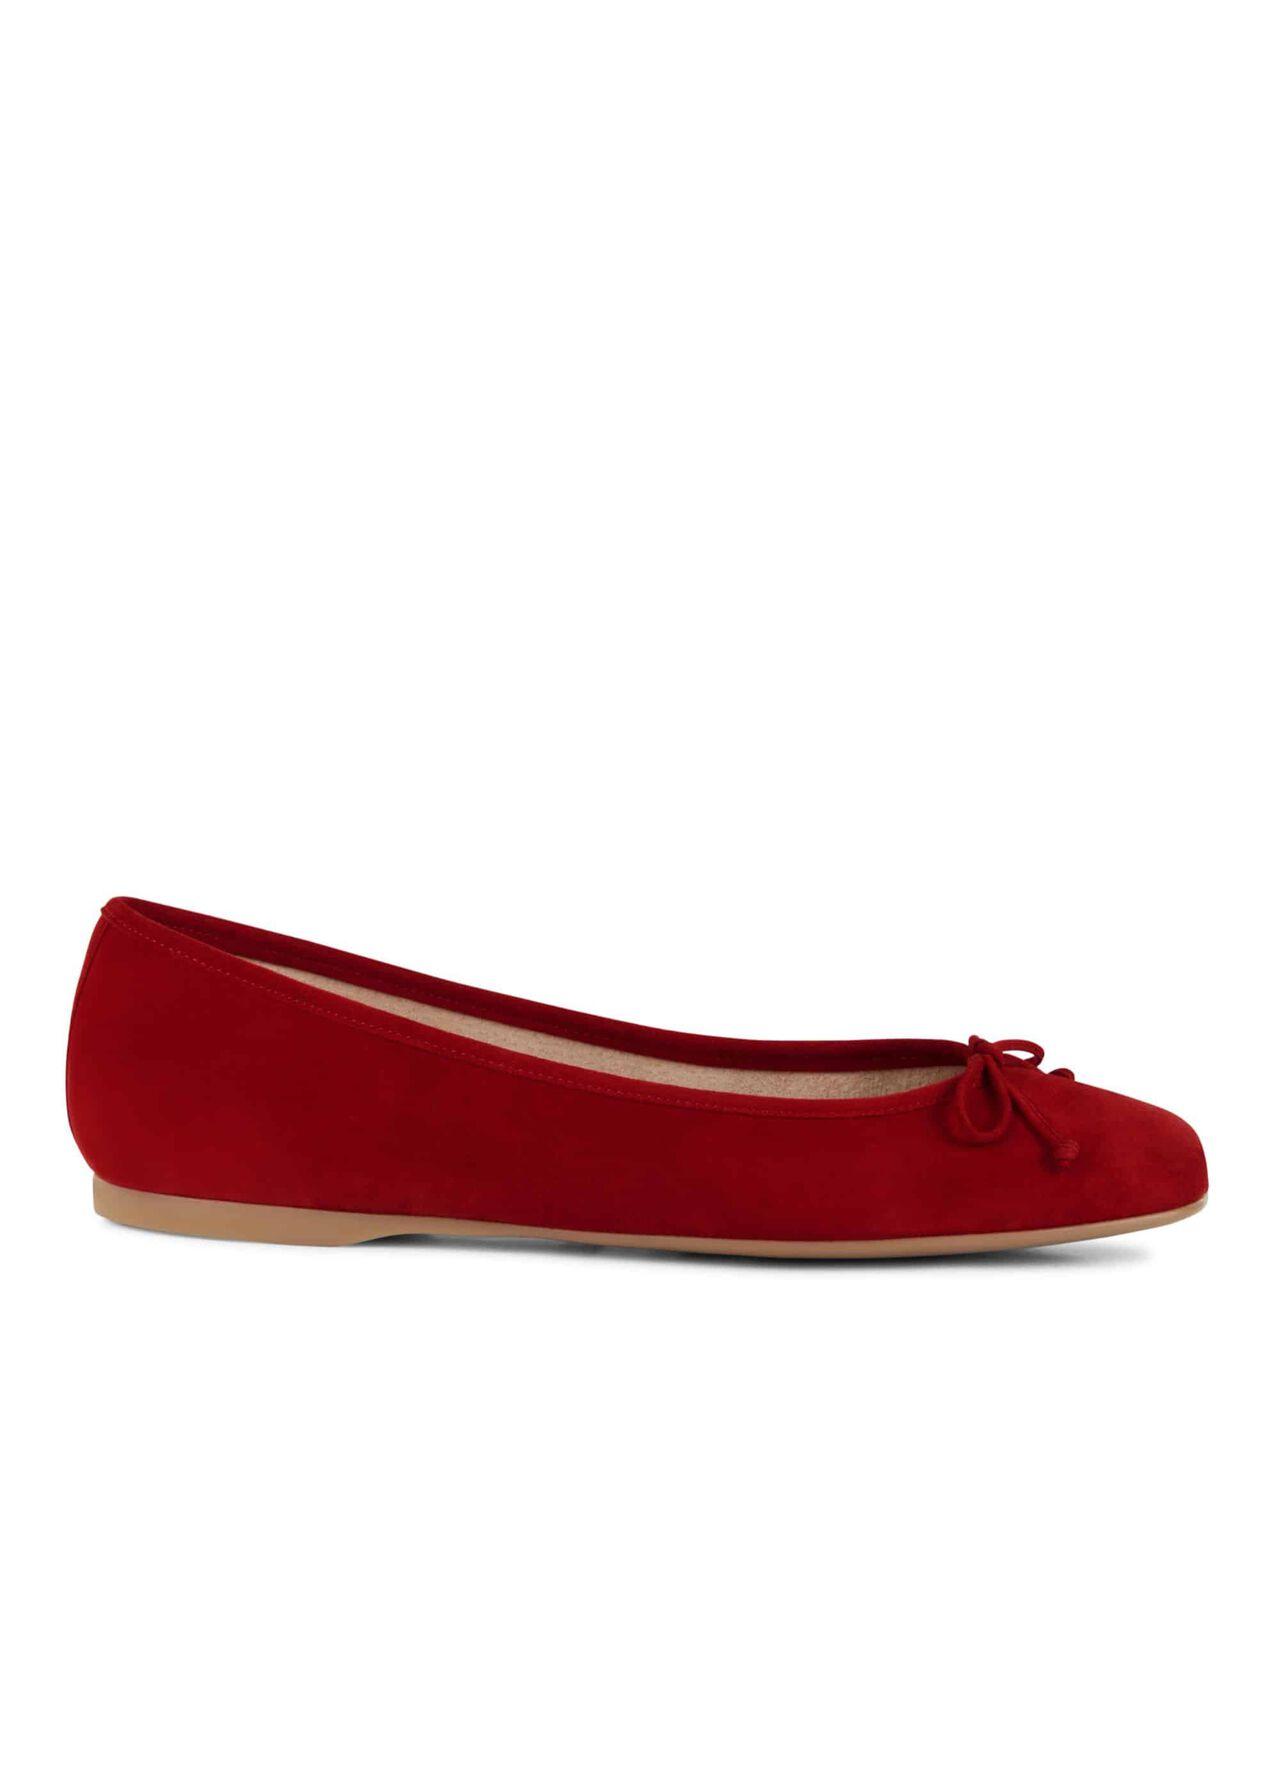 Prior Ballerina Scarlet Red